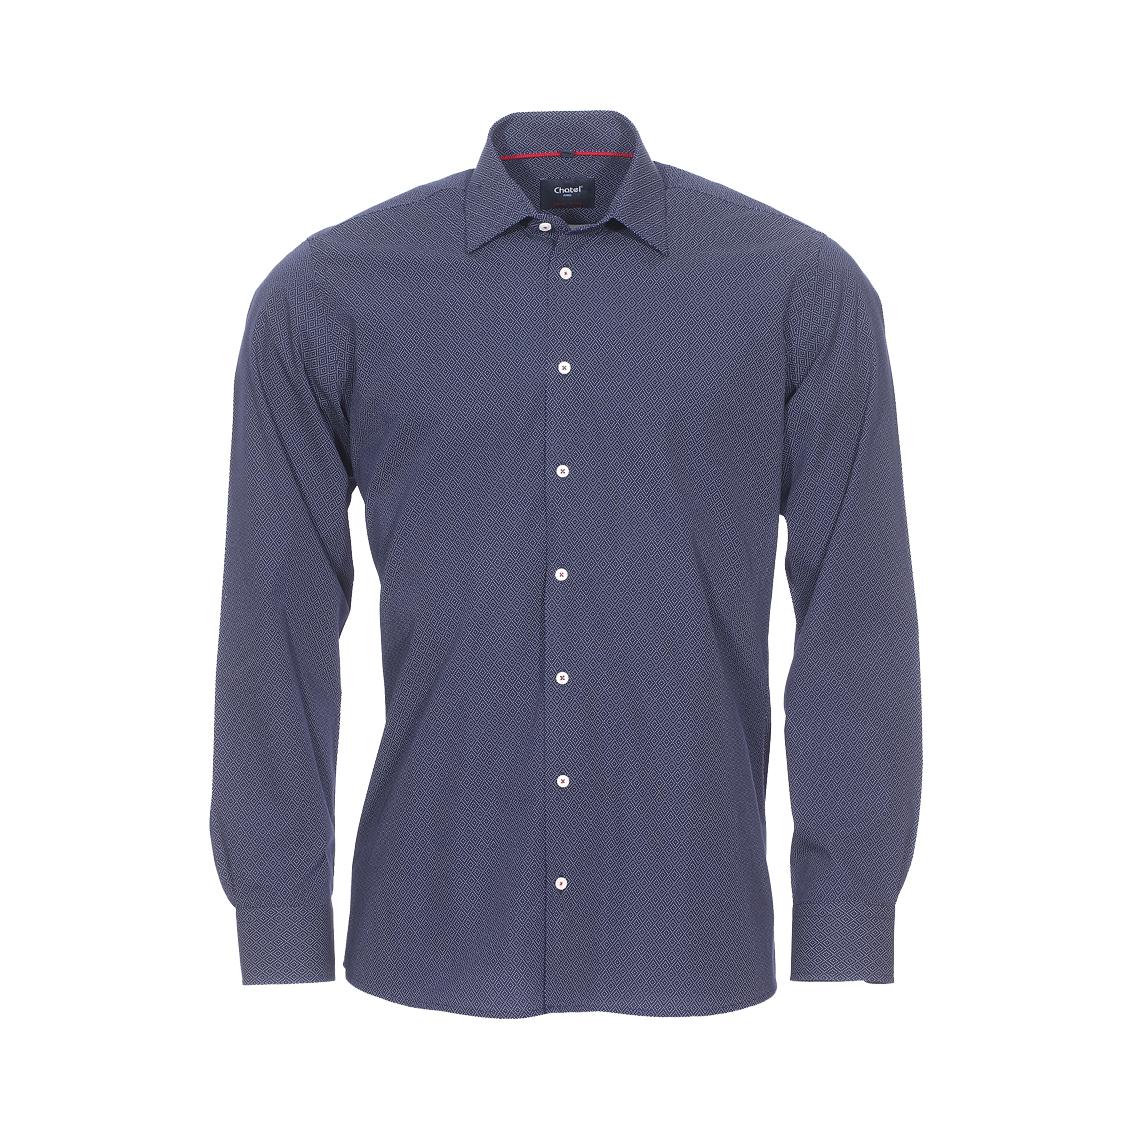 Chemise droite Jean Chatel London Ville en coton bleu marine à motif fantaisie blanc